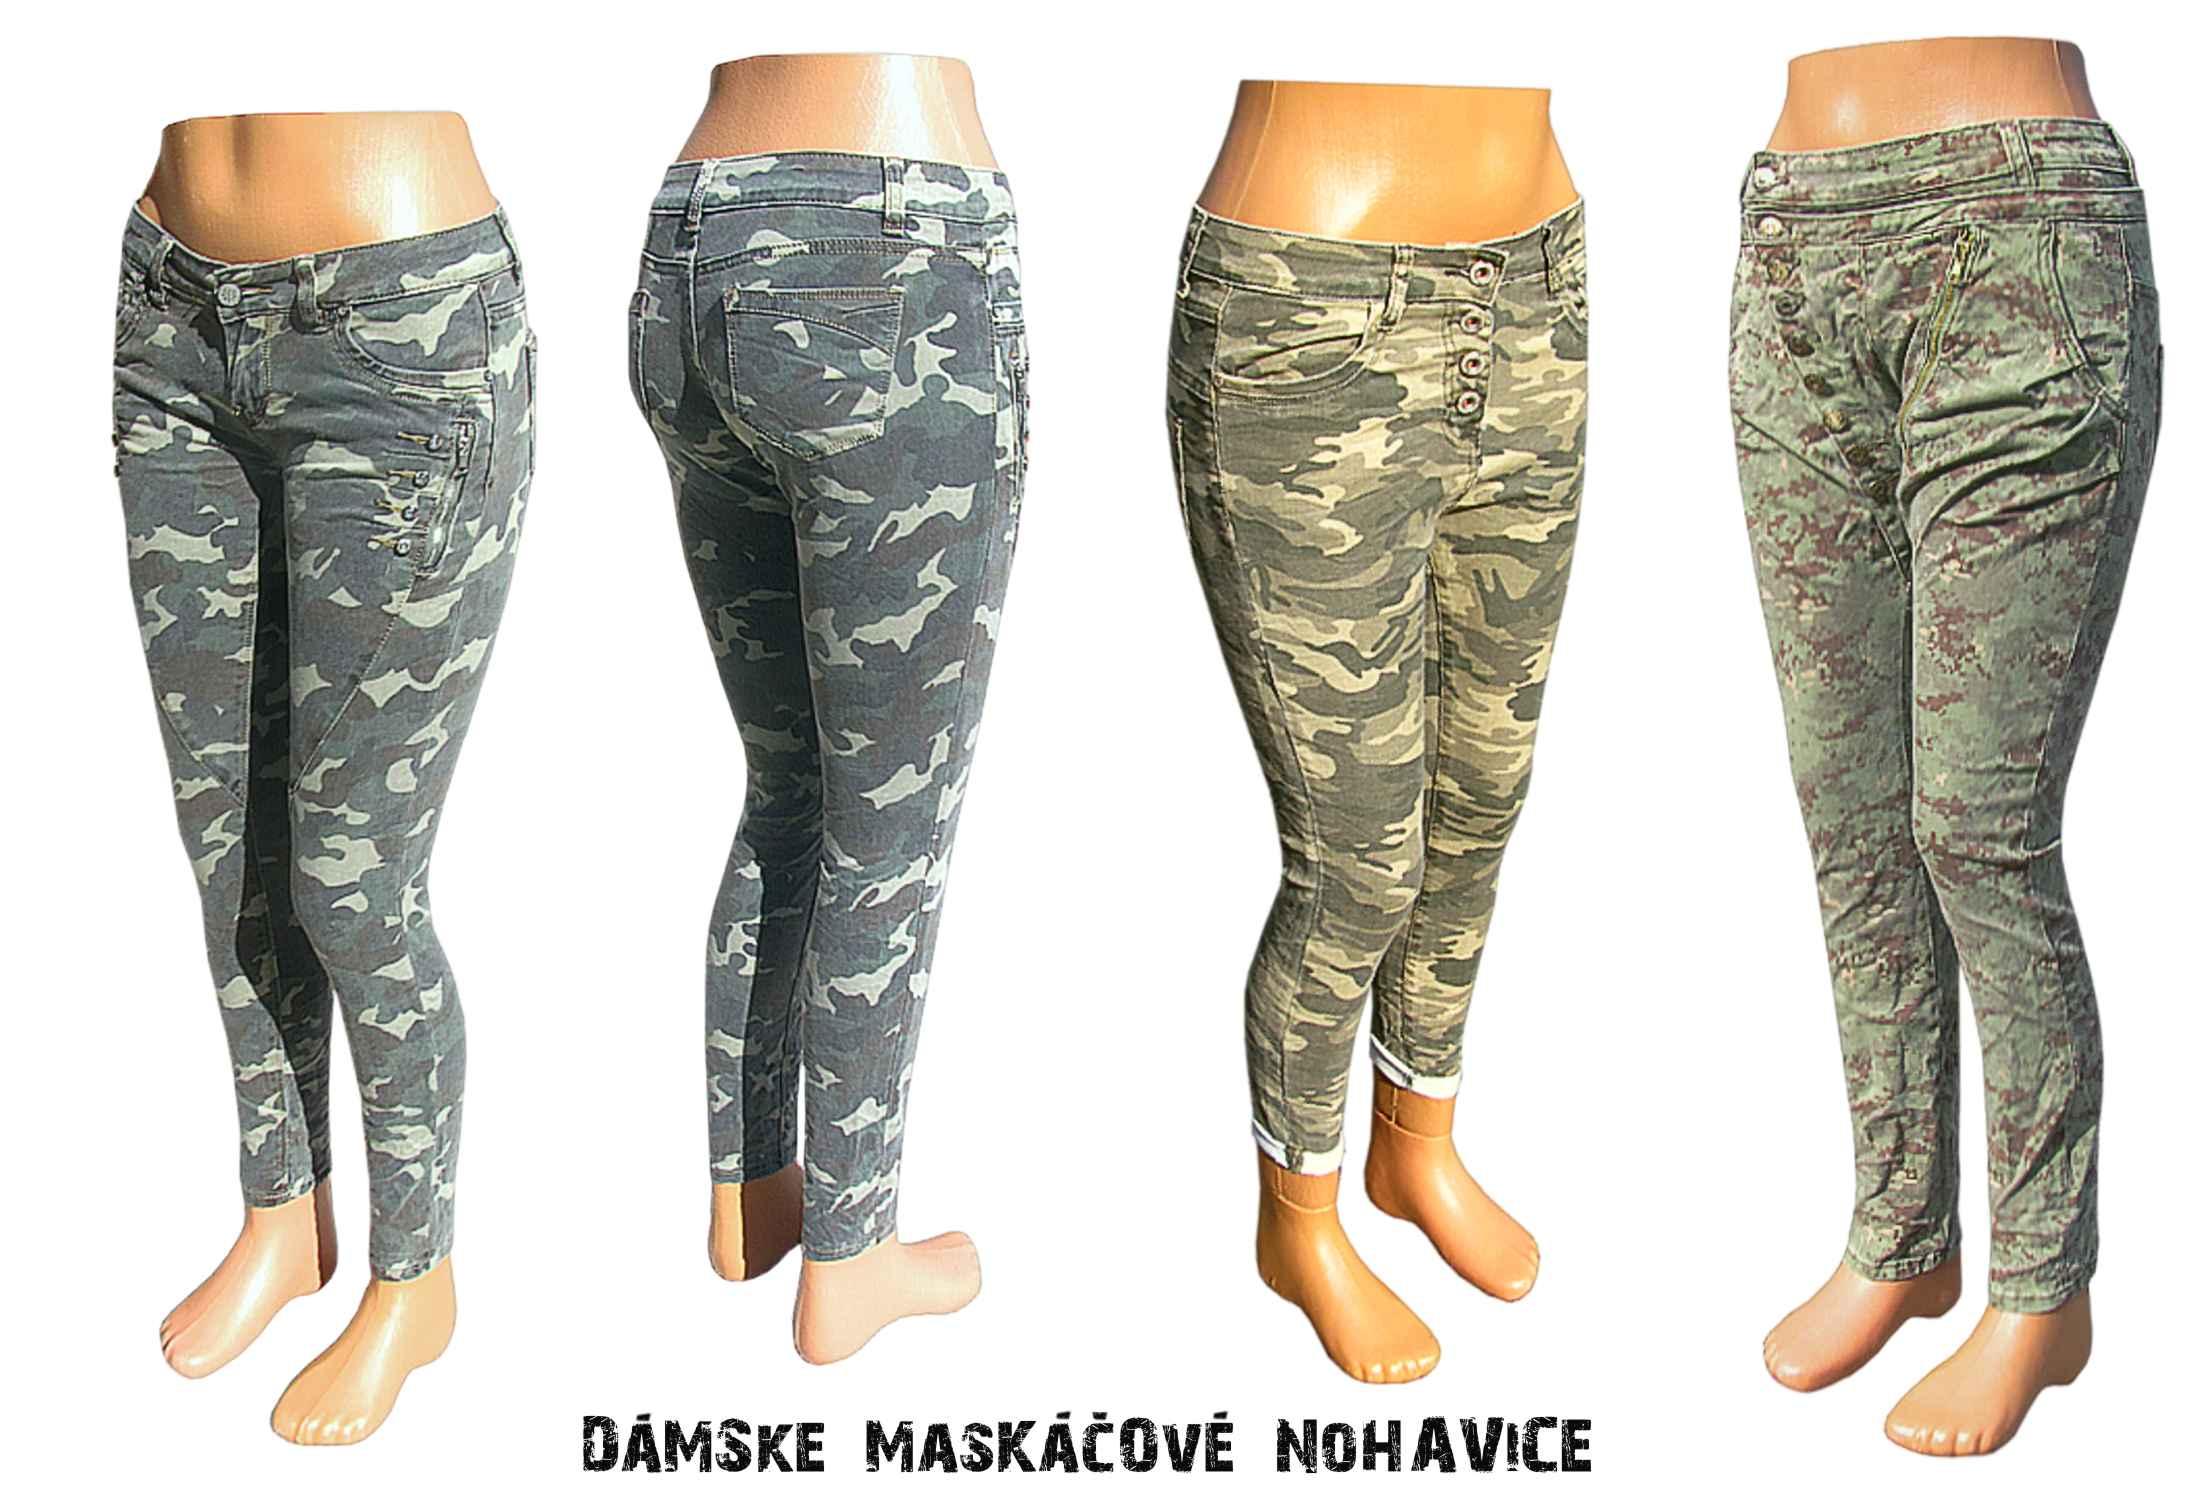 bf3705495 Dámske maskáčové nohavice | army shop nitra tifantex